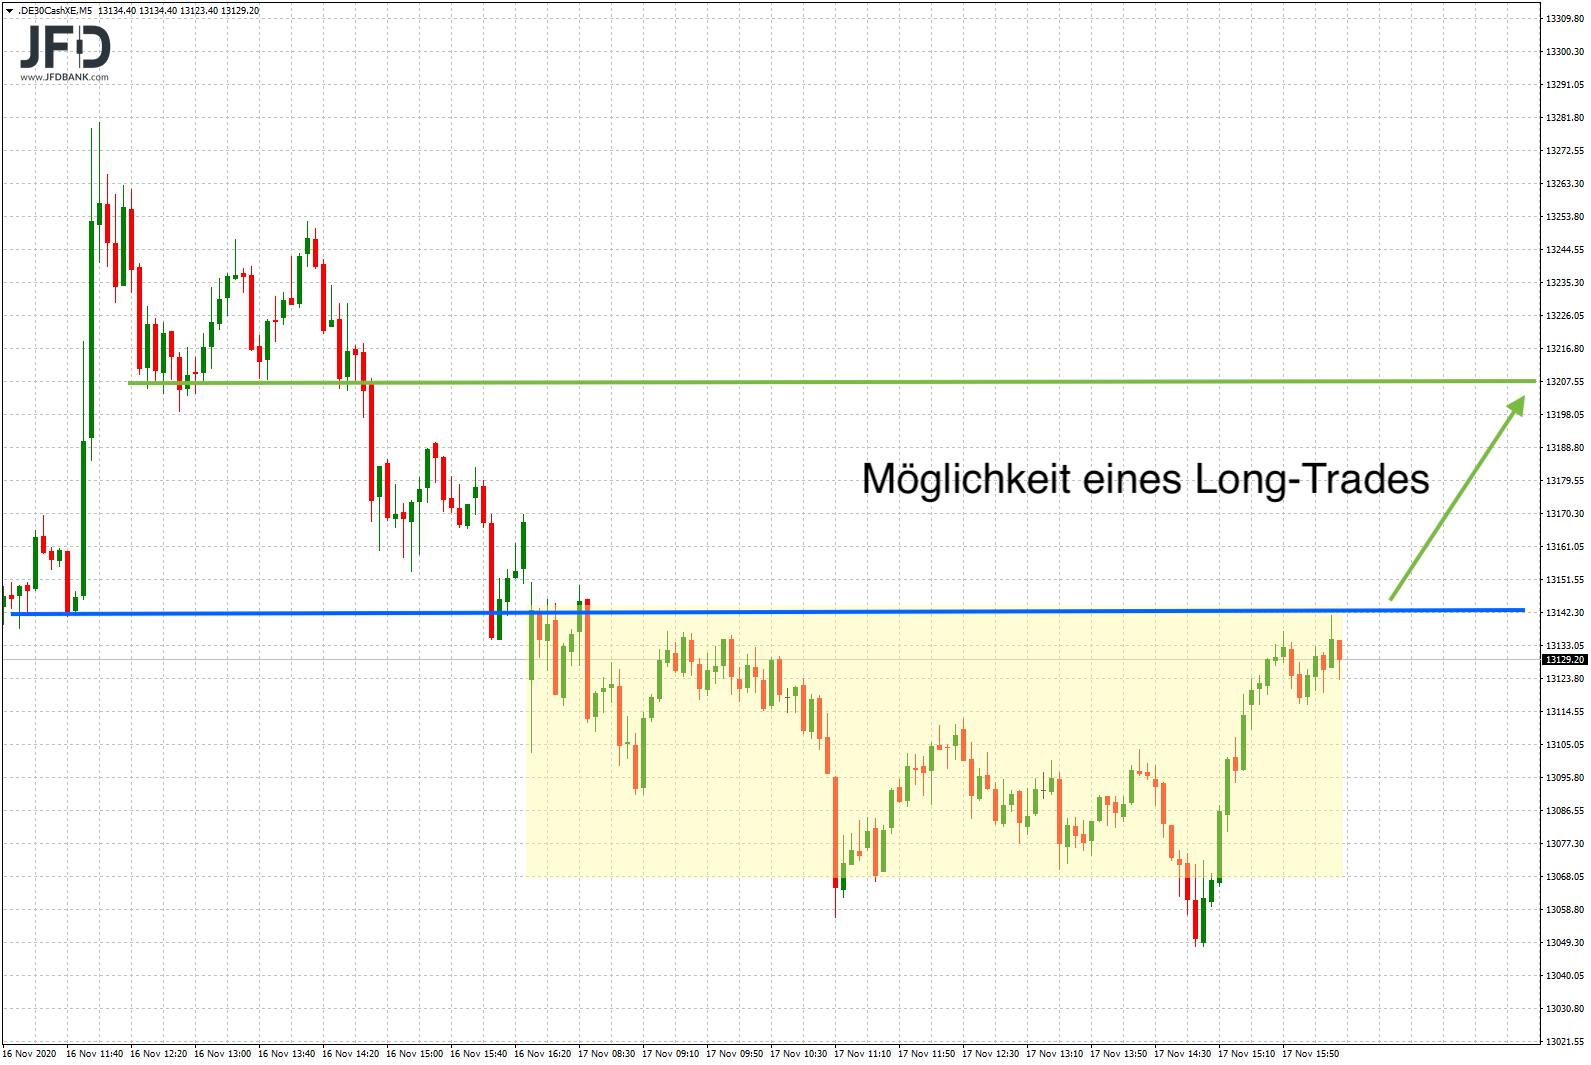 Besinnliche-Börsenphase-5-Wochen-vor-Weihnachten-Kommentar-JFD-Bank-GodmodeTrader.de-5